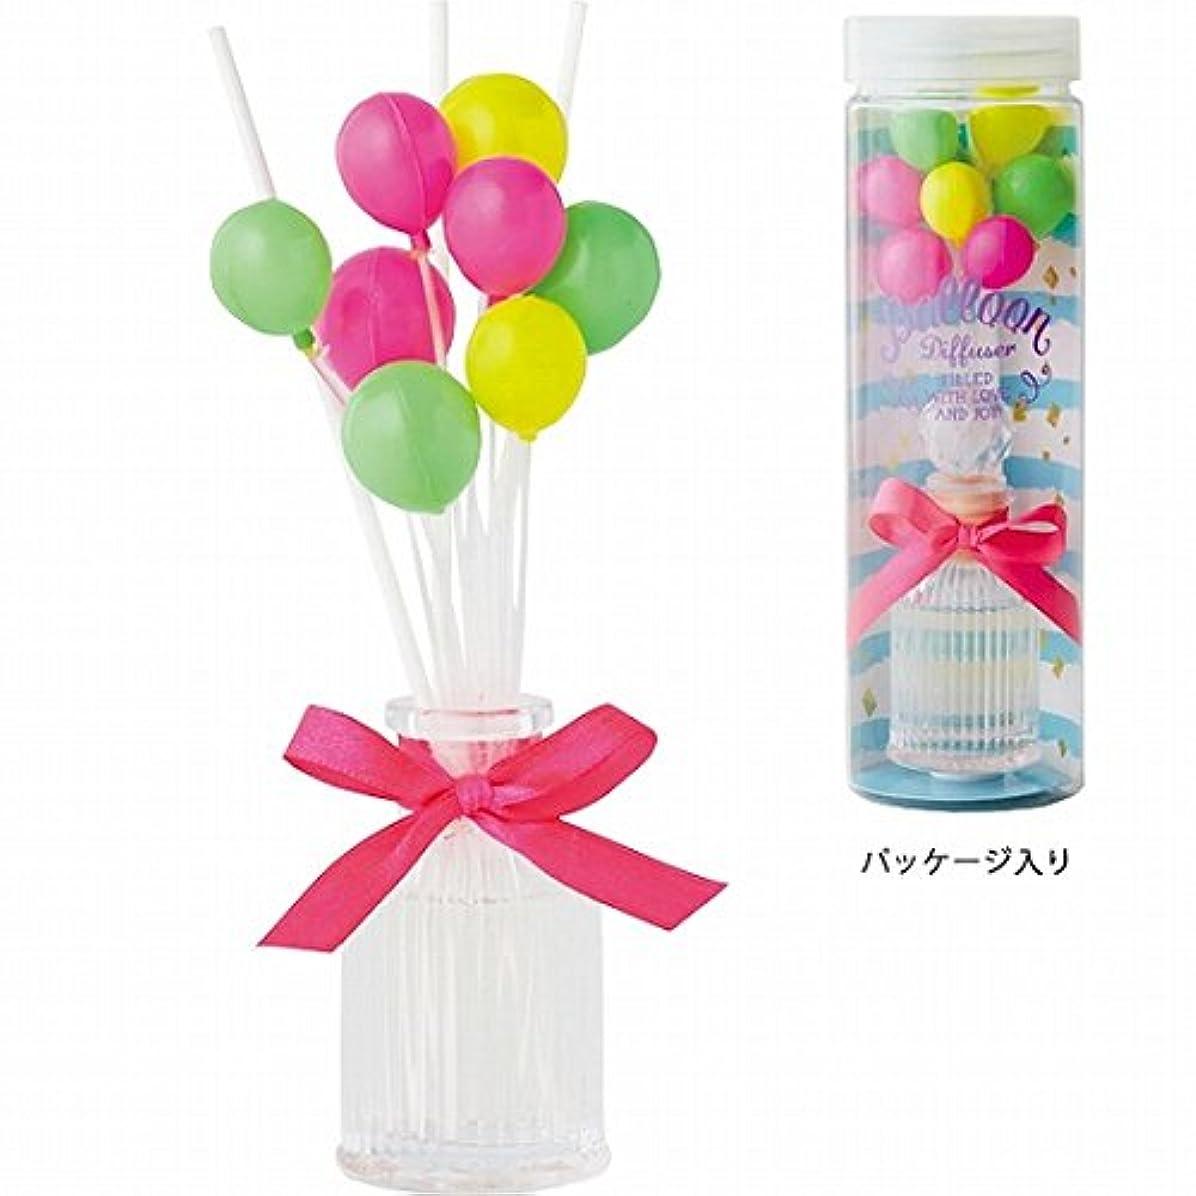 比喩カリング大臣カメヤマキャンドル( kameyama candle ) バルーンディフューザー